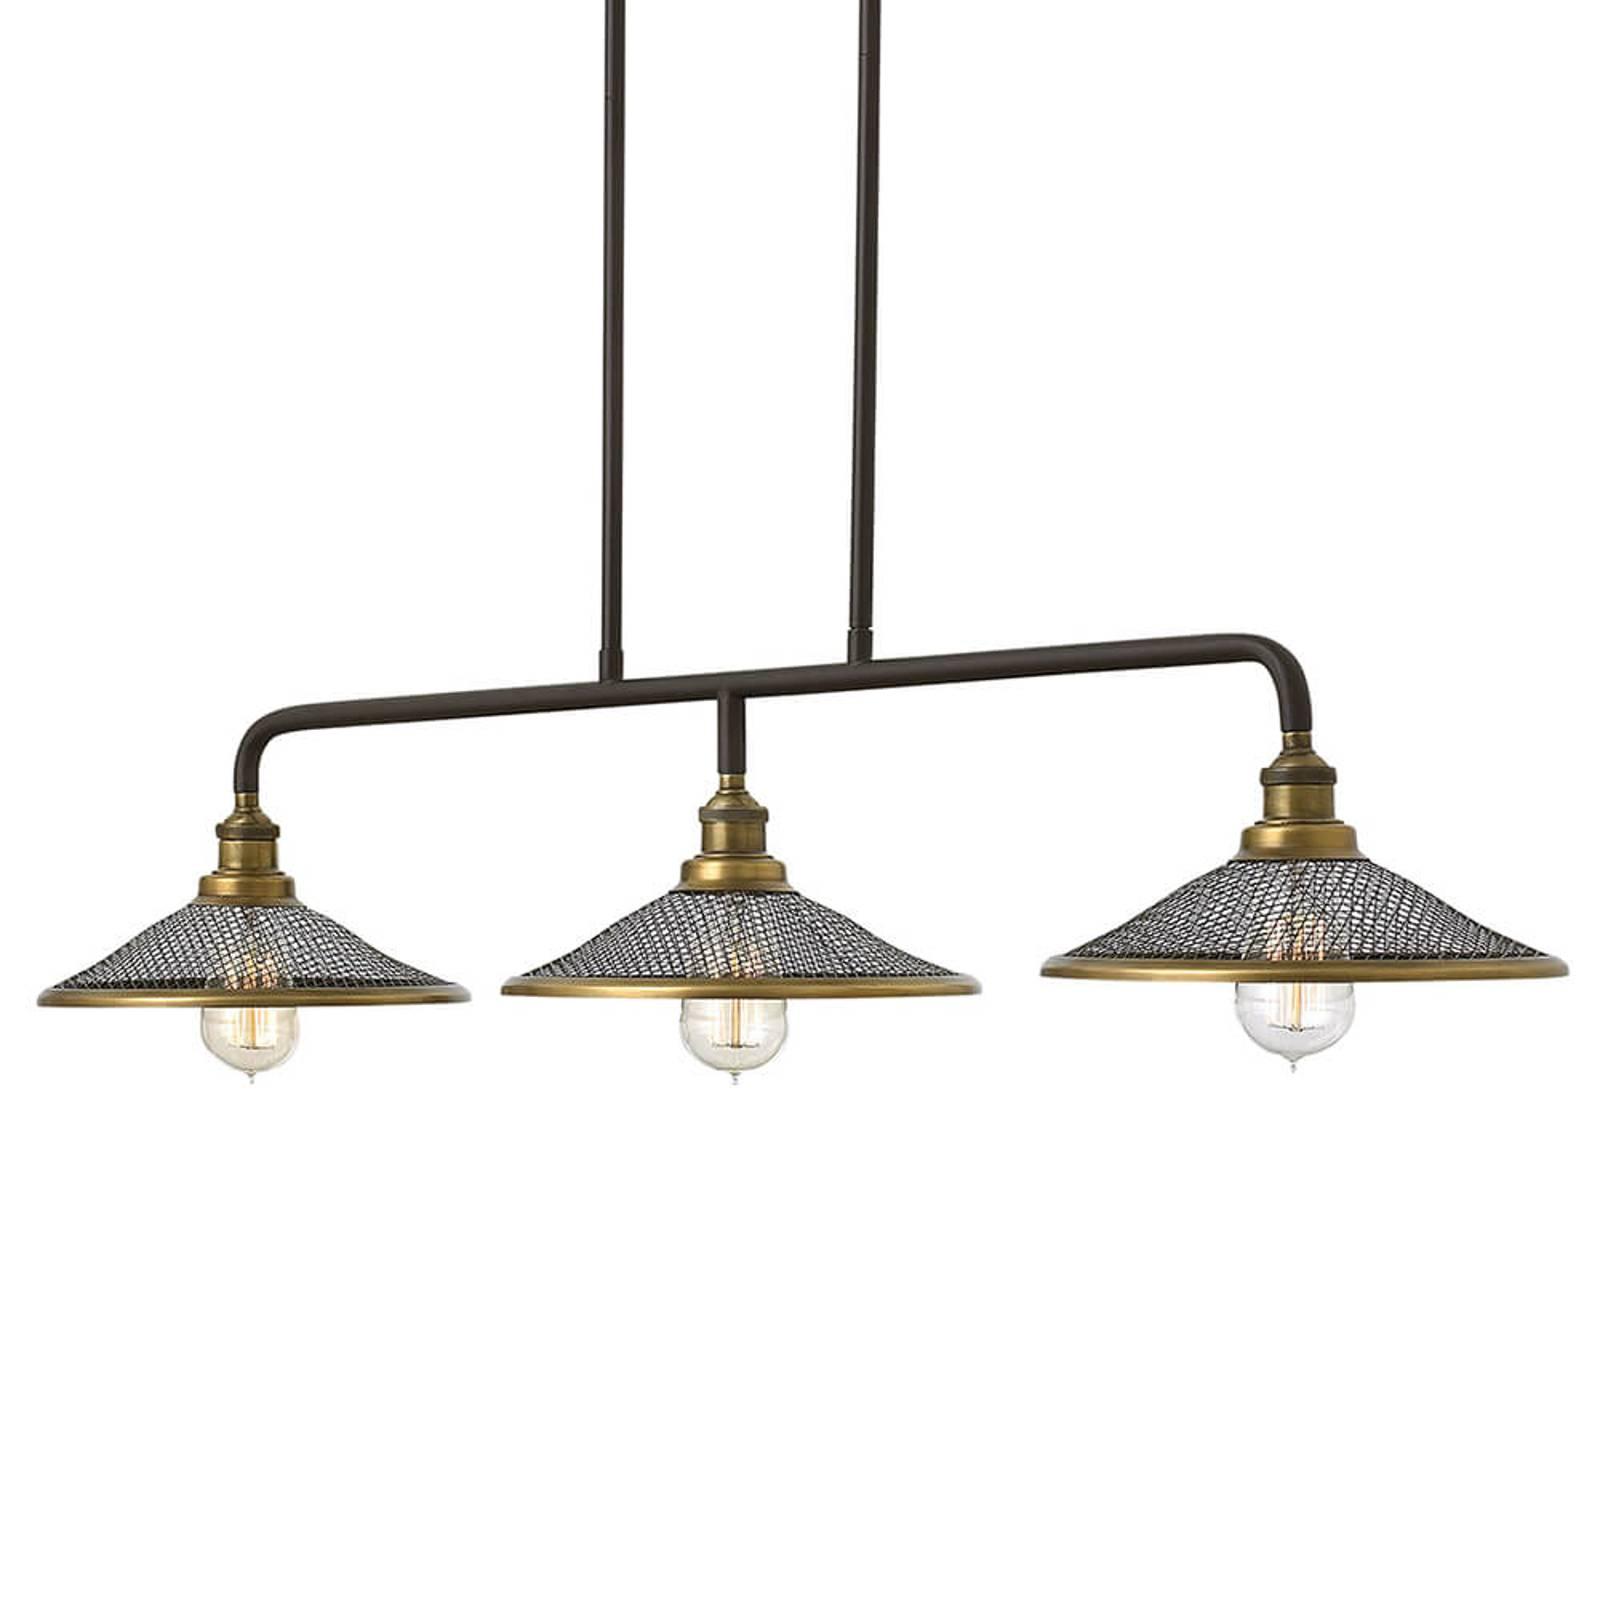 Laajasti valaiseva Rigby-riippuvalo, 3-lamppuinen